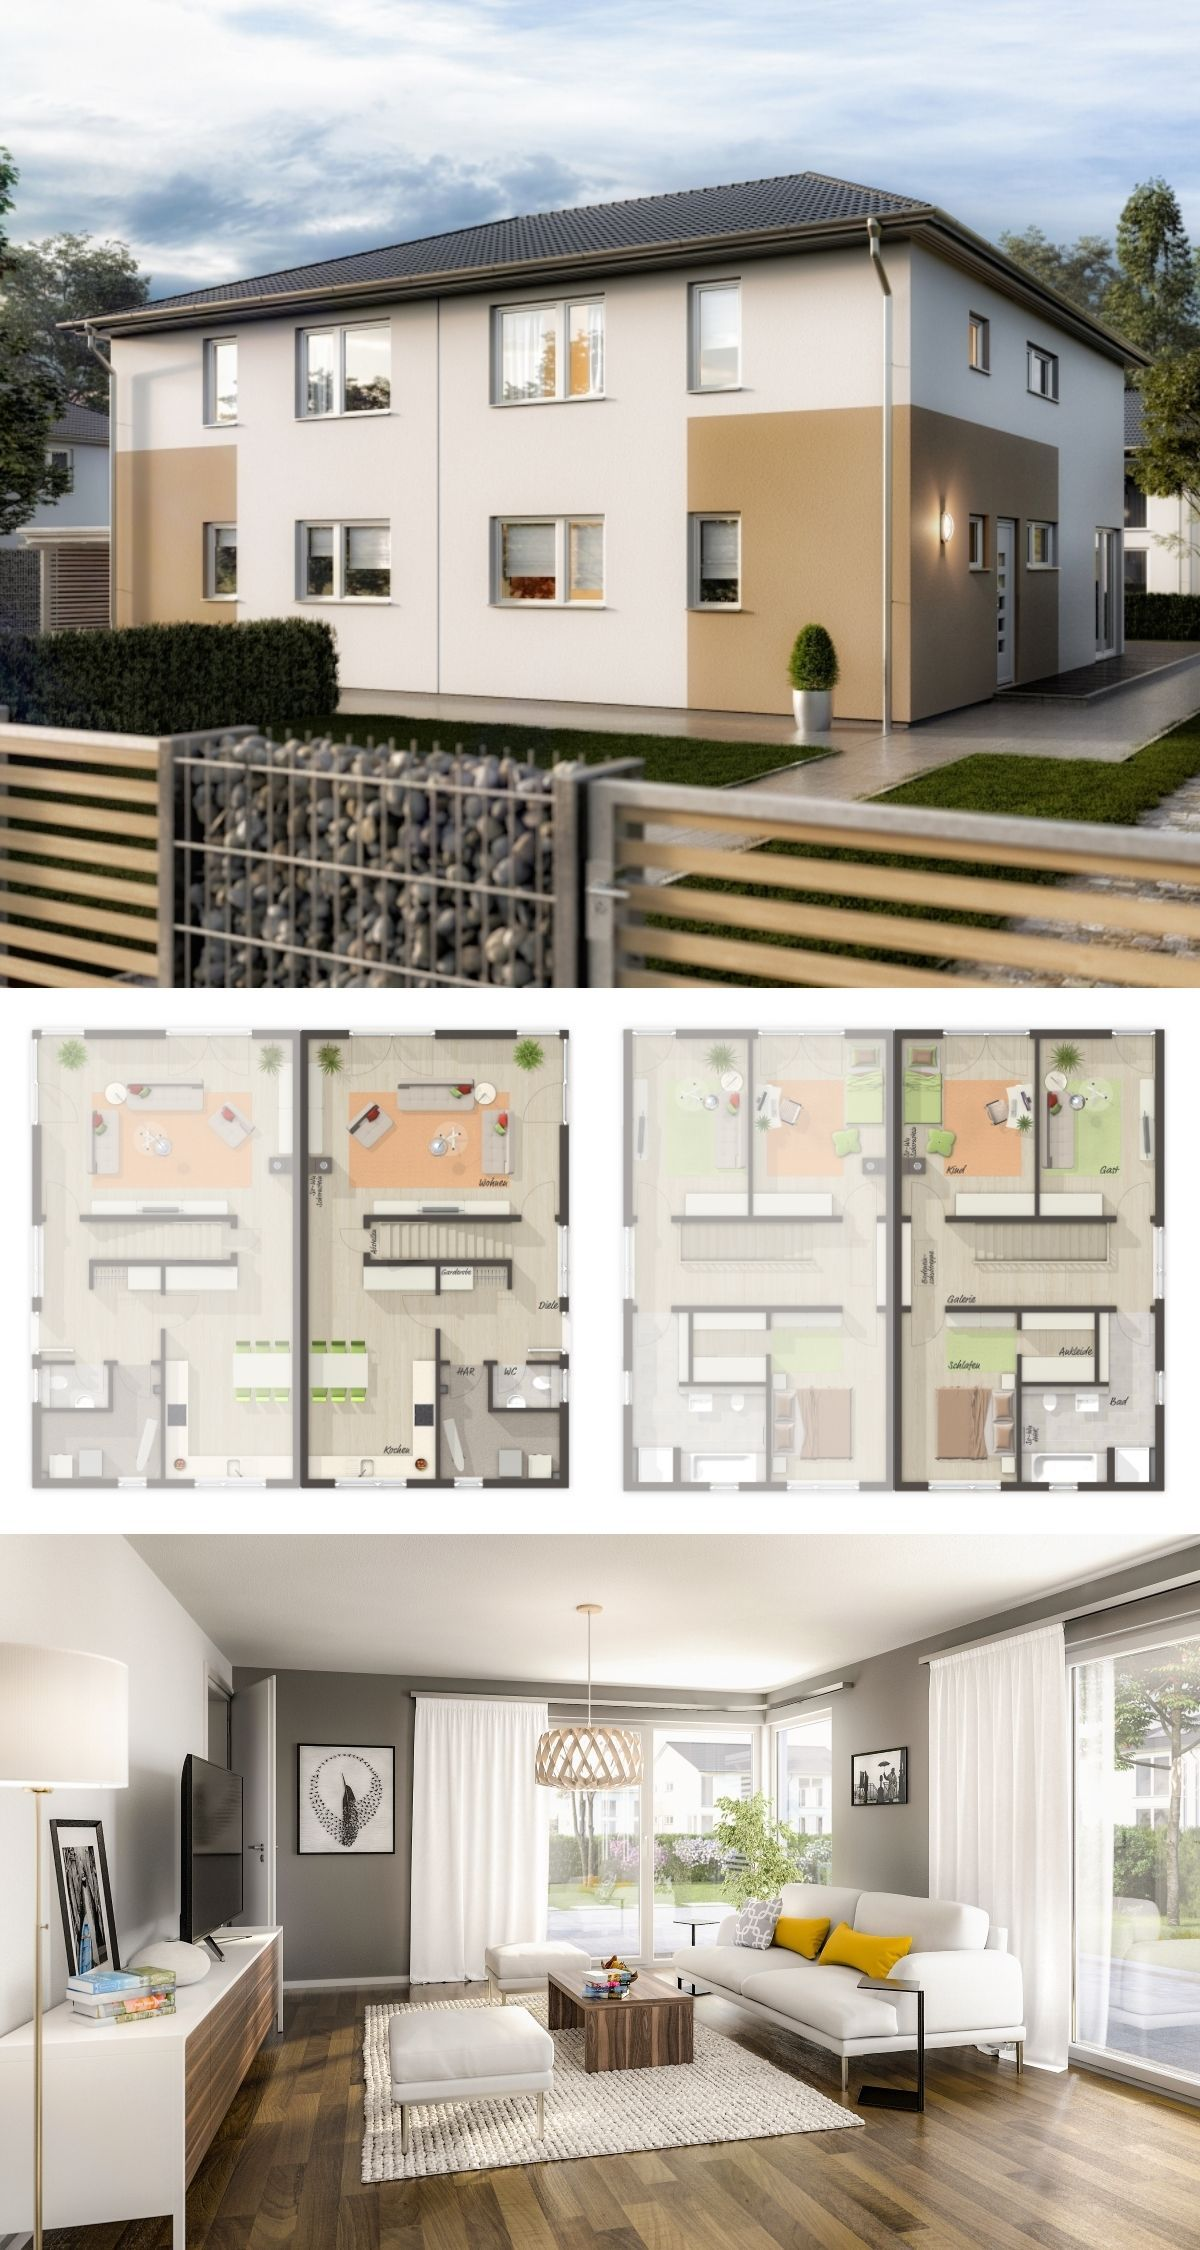 Doppelhaus Architektur modern Grundriss mit Walmdach